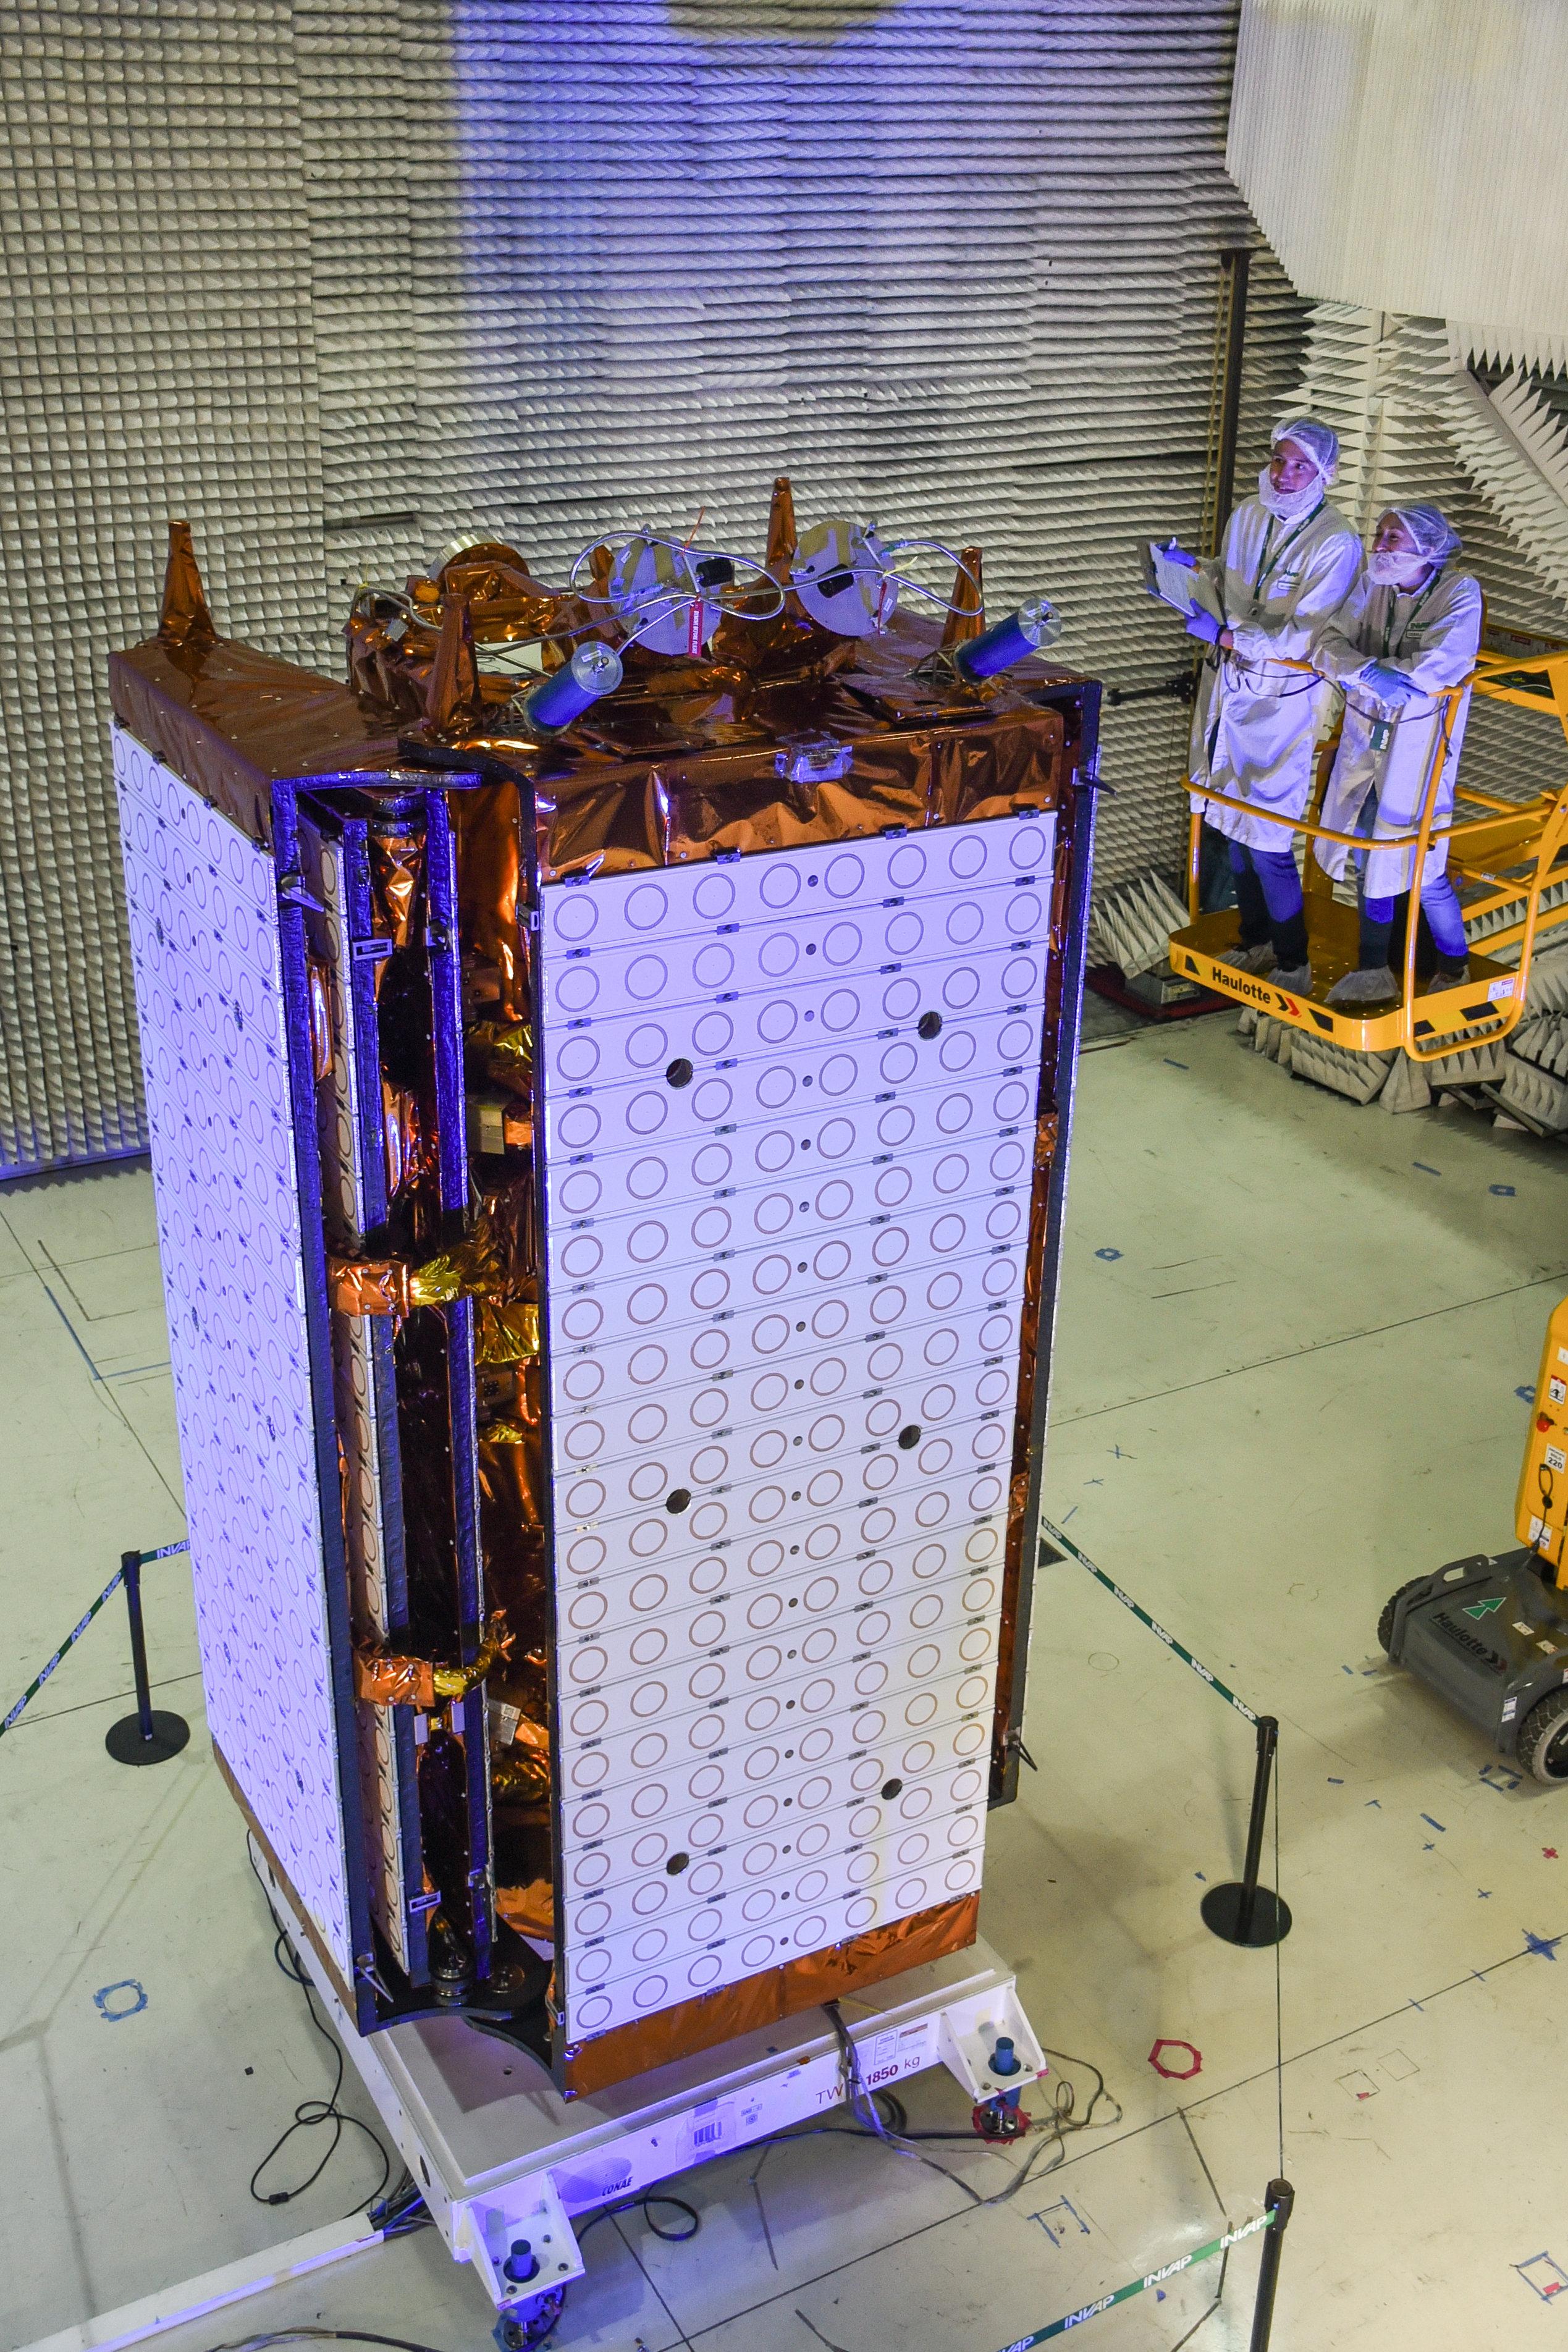 Złożony satelita SAOCOM 1B w ośrodku firm INVAP i CETSA w Bariloche w Argentynie (Źródło: CONAE)